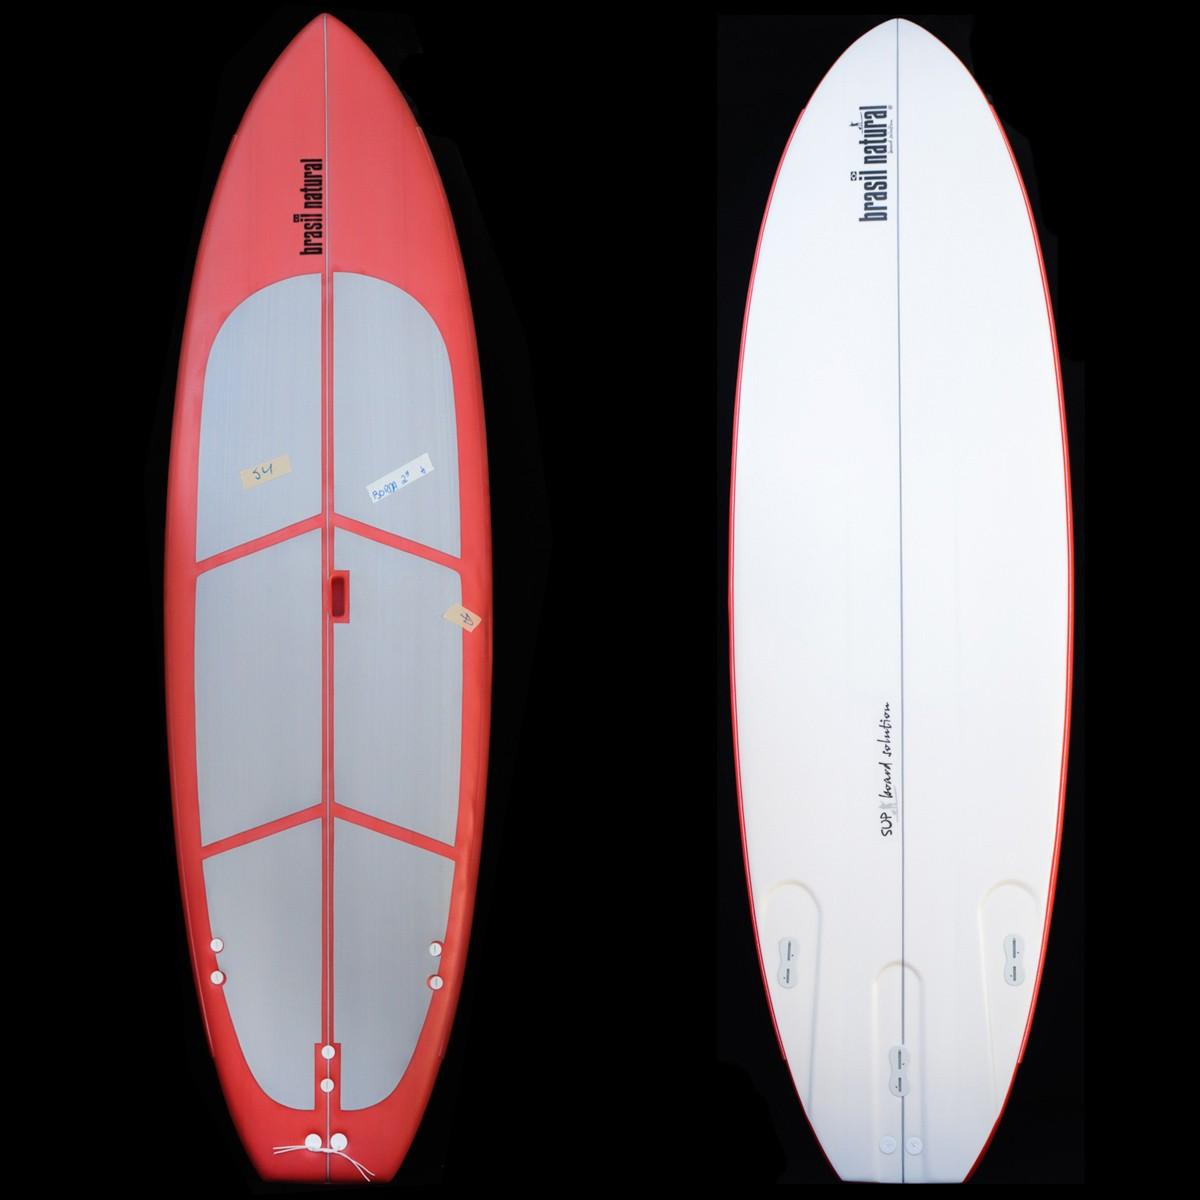 Prancha de stand up paddle 10 pés soft + kit remada - Outlet 54